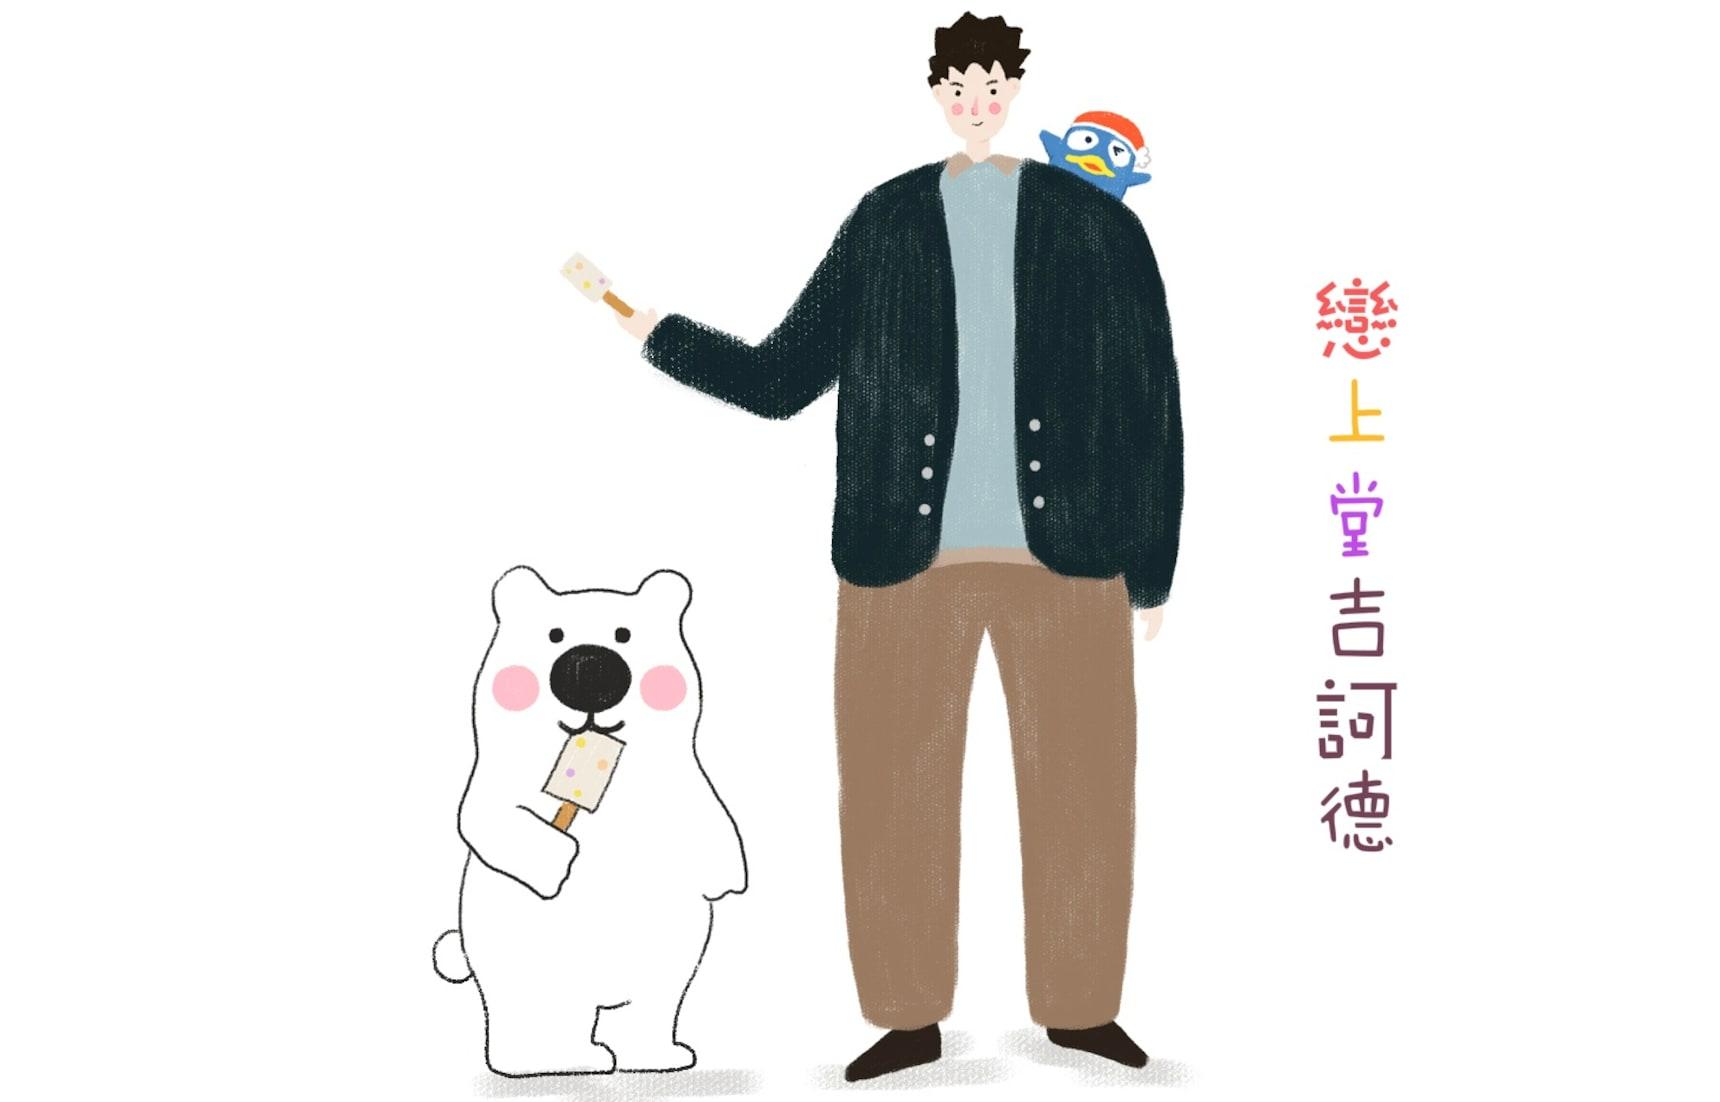 戀上堂吉訶德三部曲・味覺純愛篇